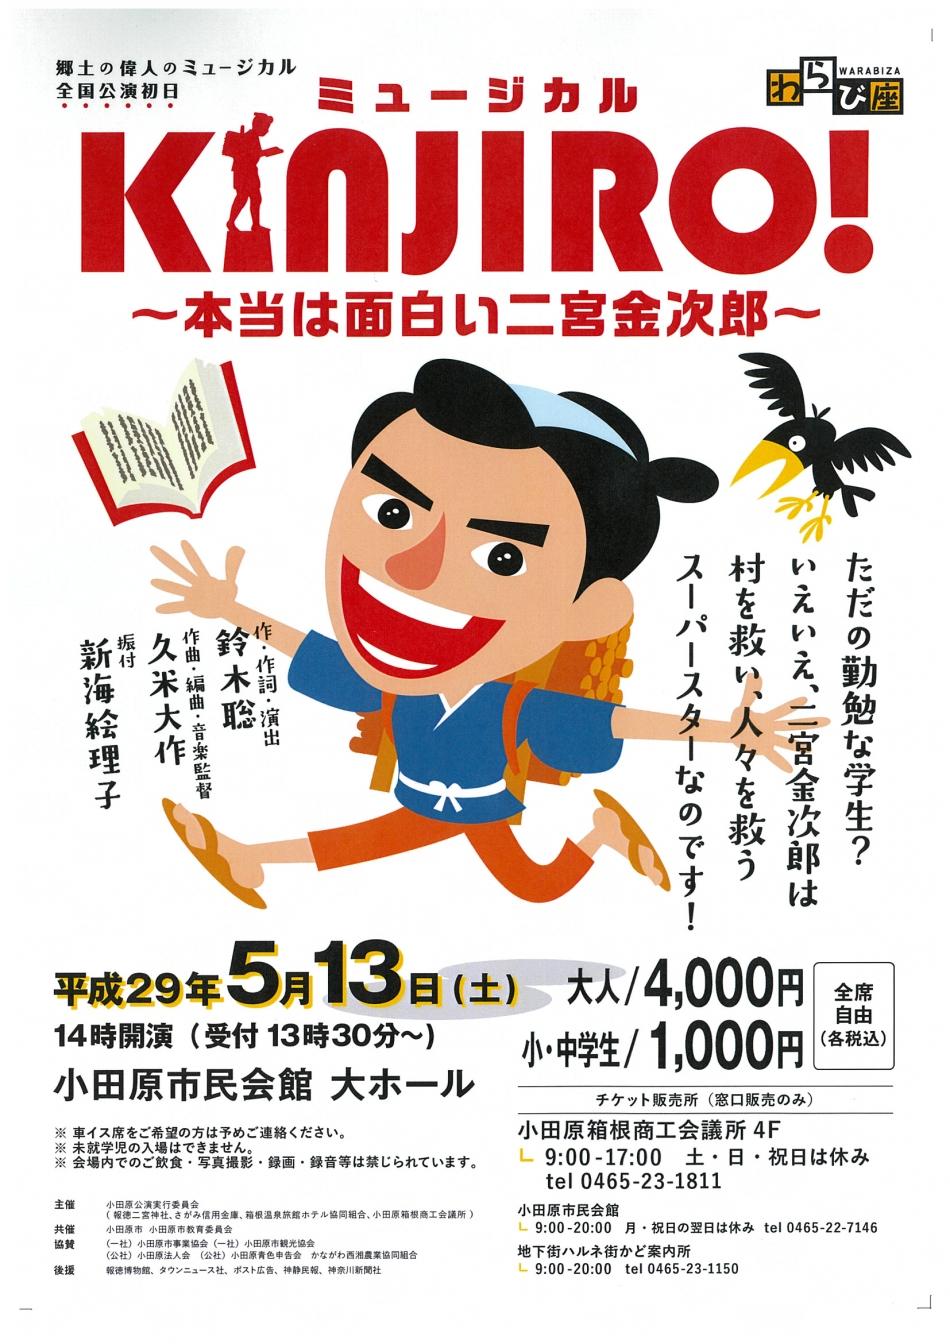 ミュージカル「KINJIRO!」